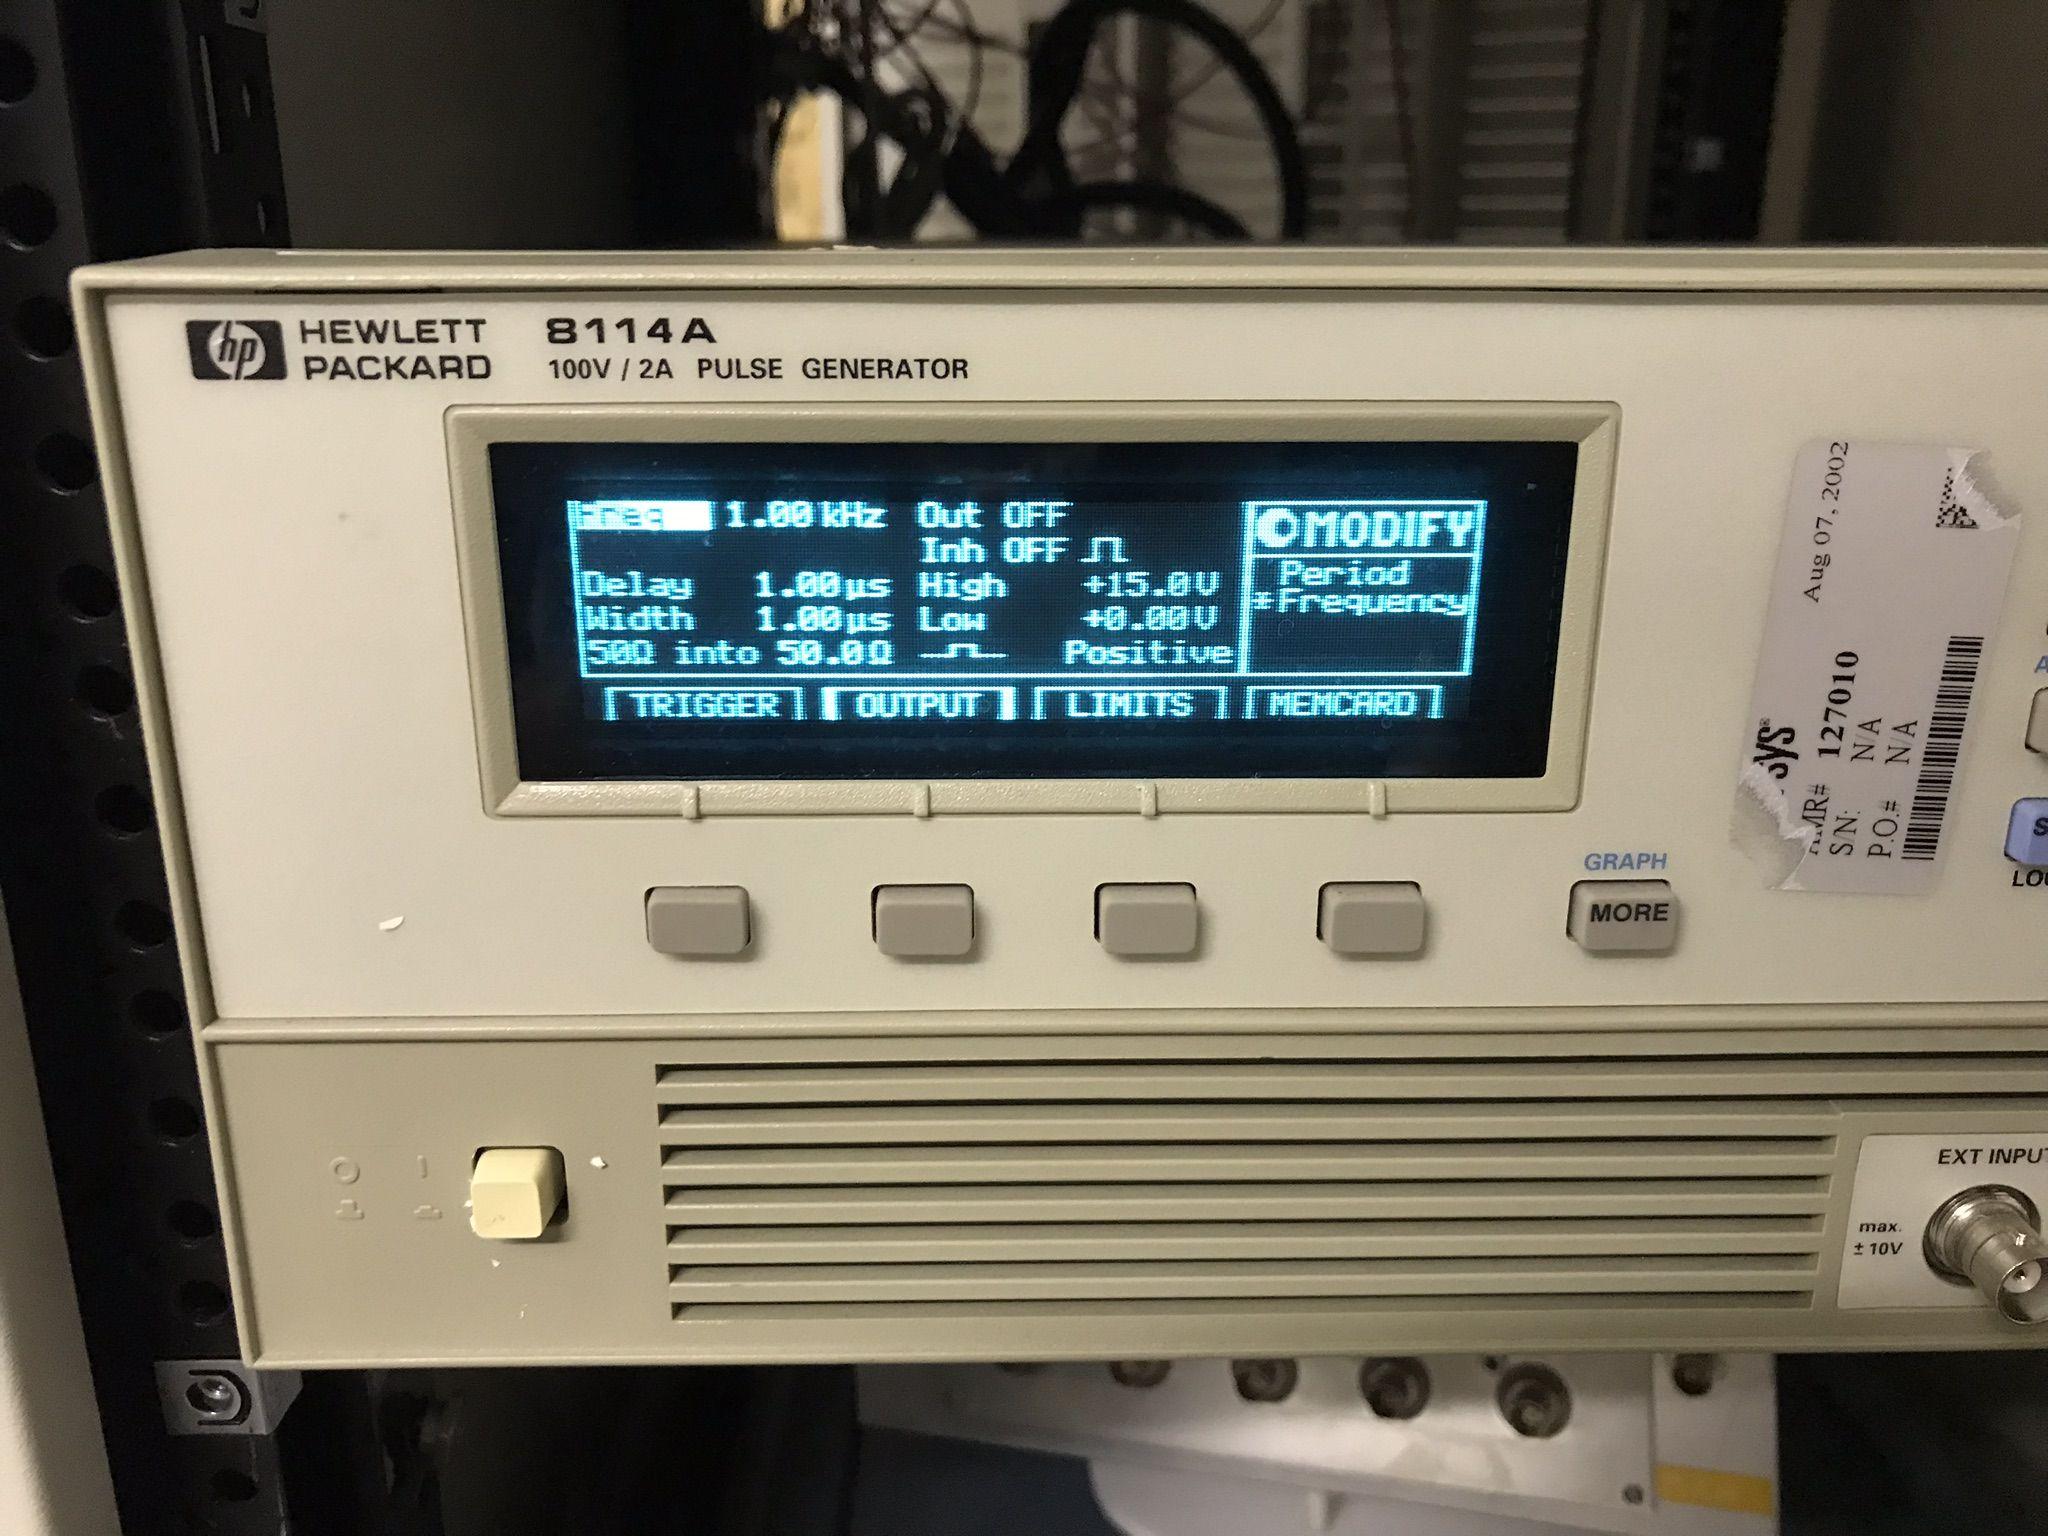 Agilent 100v 2a Pulse Generator Refurbished Get More